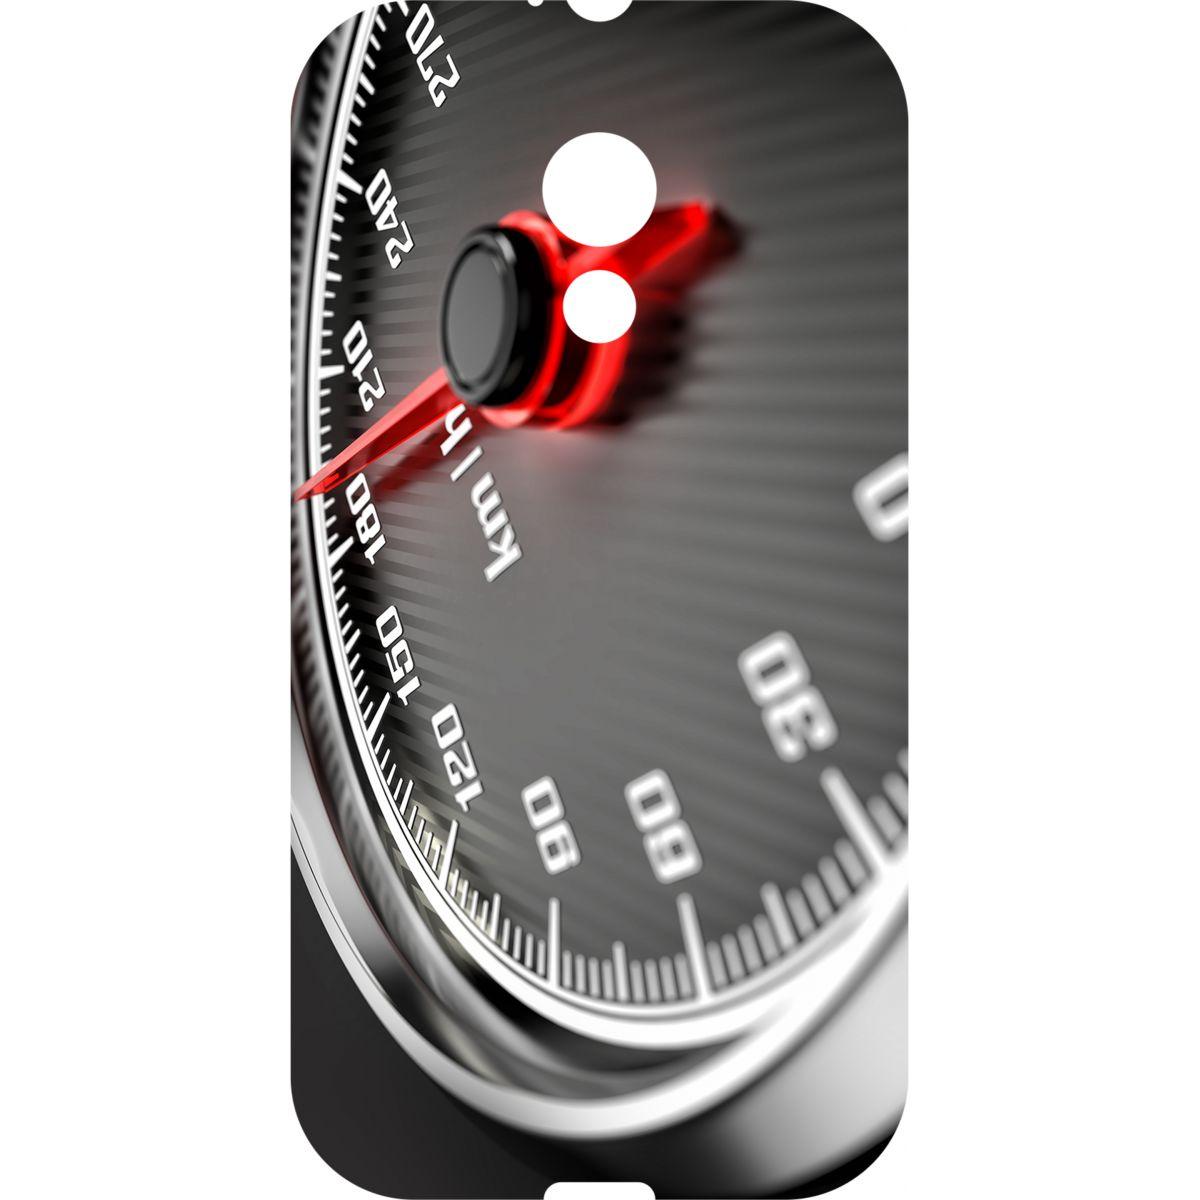 Capa Personalizada para Motorola Moto G2 Xt1069 Xt1068 - CR07